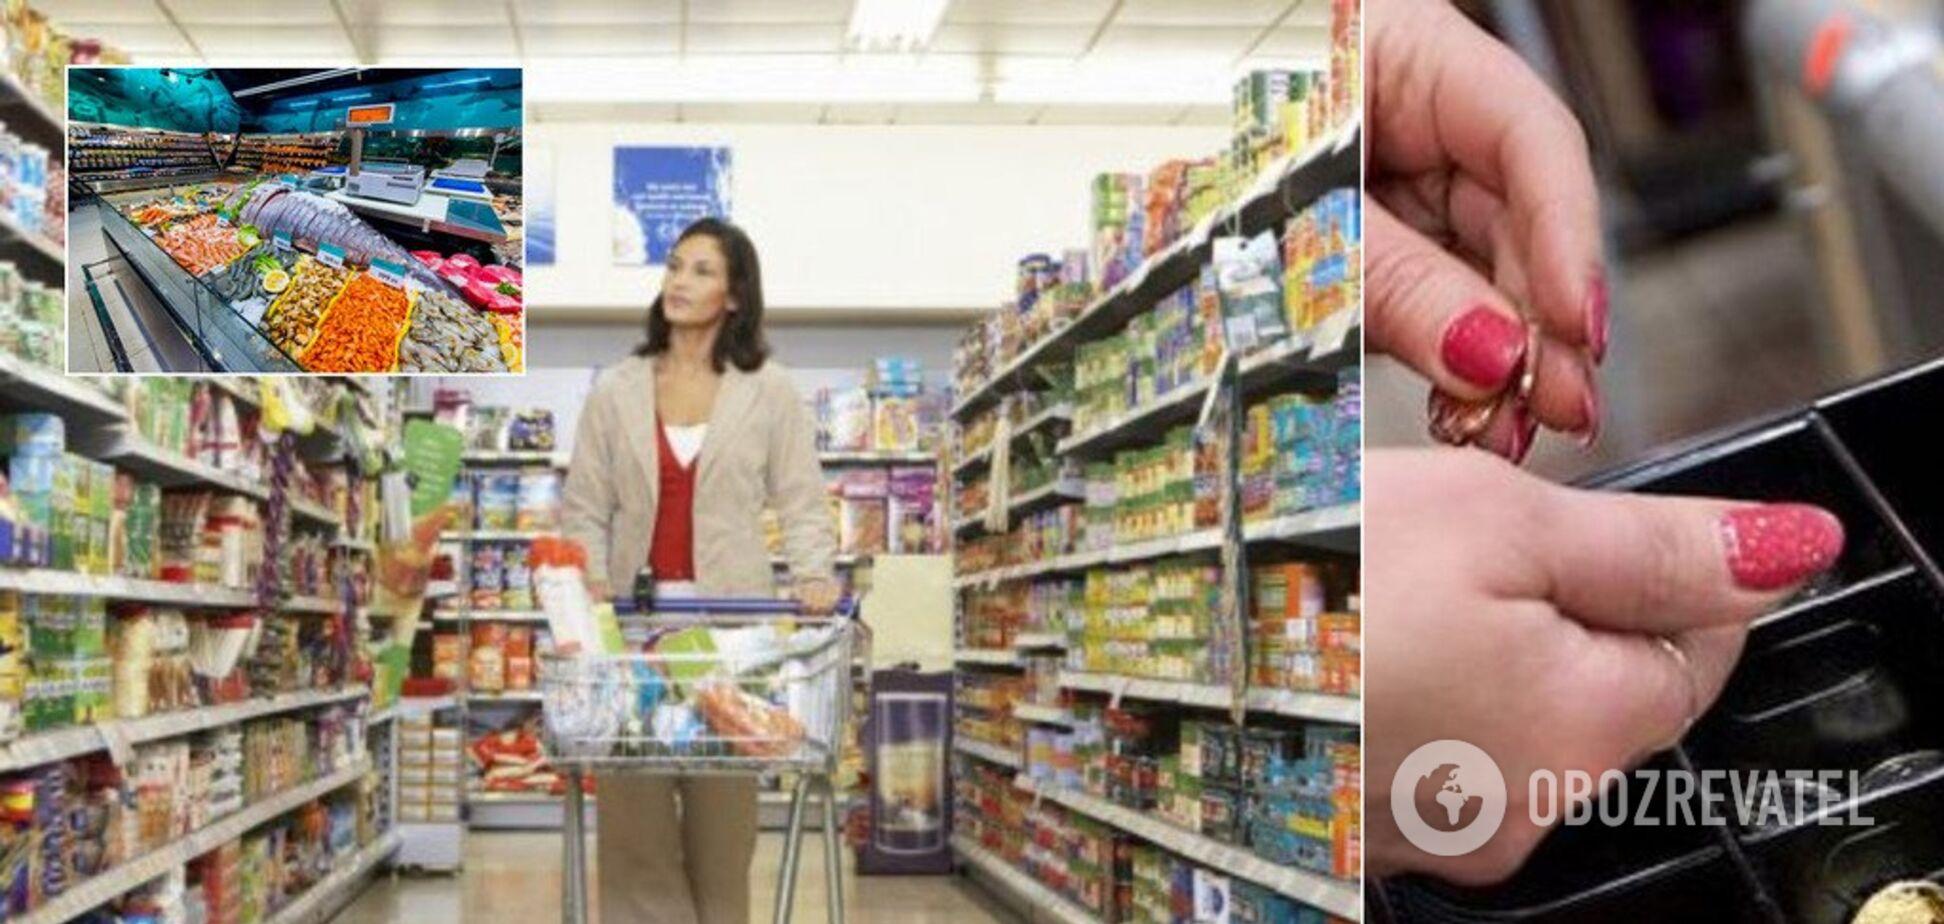 Українців цинічно 'розводять' у супермаркетах: як не втратити гроші